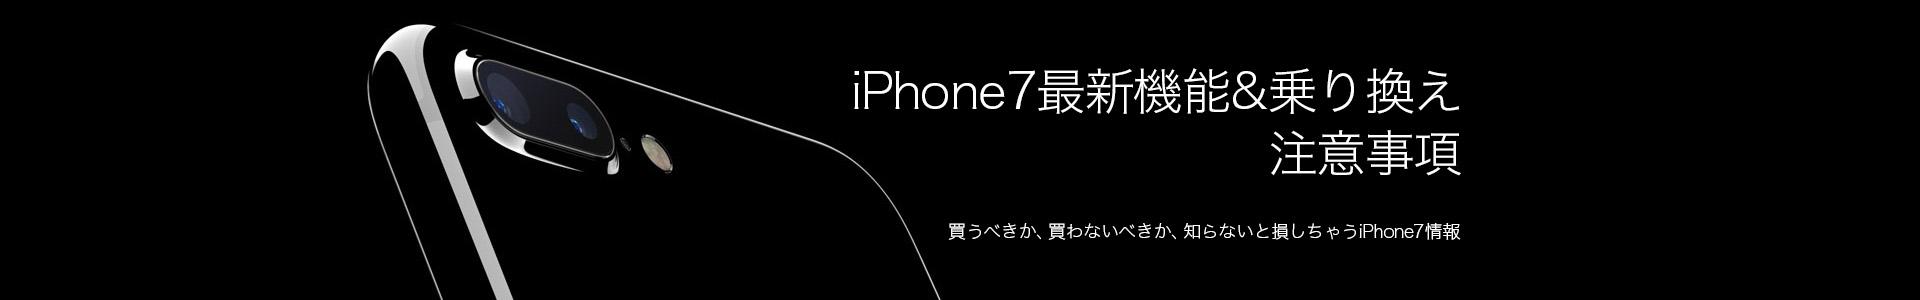 iPhone7新機能・乗り換え注意事項